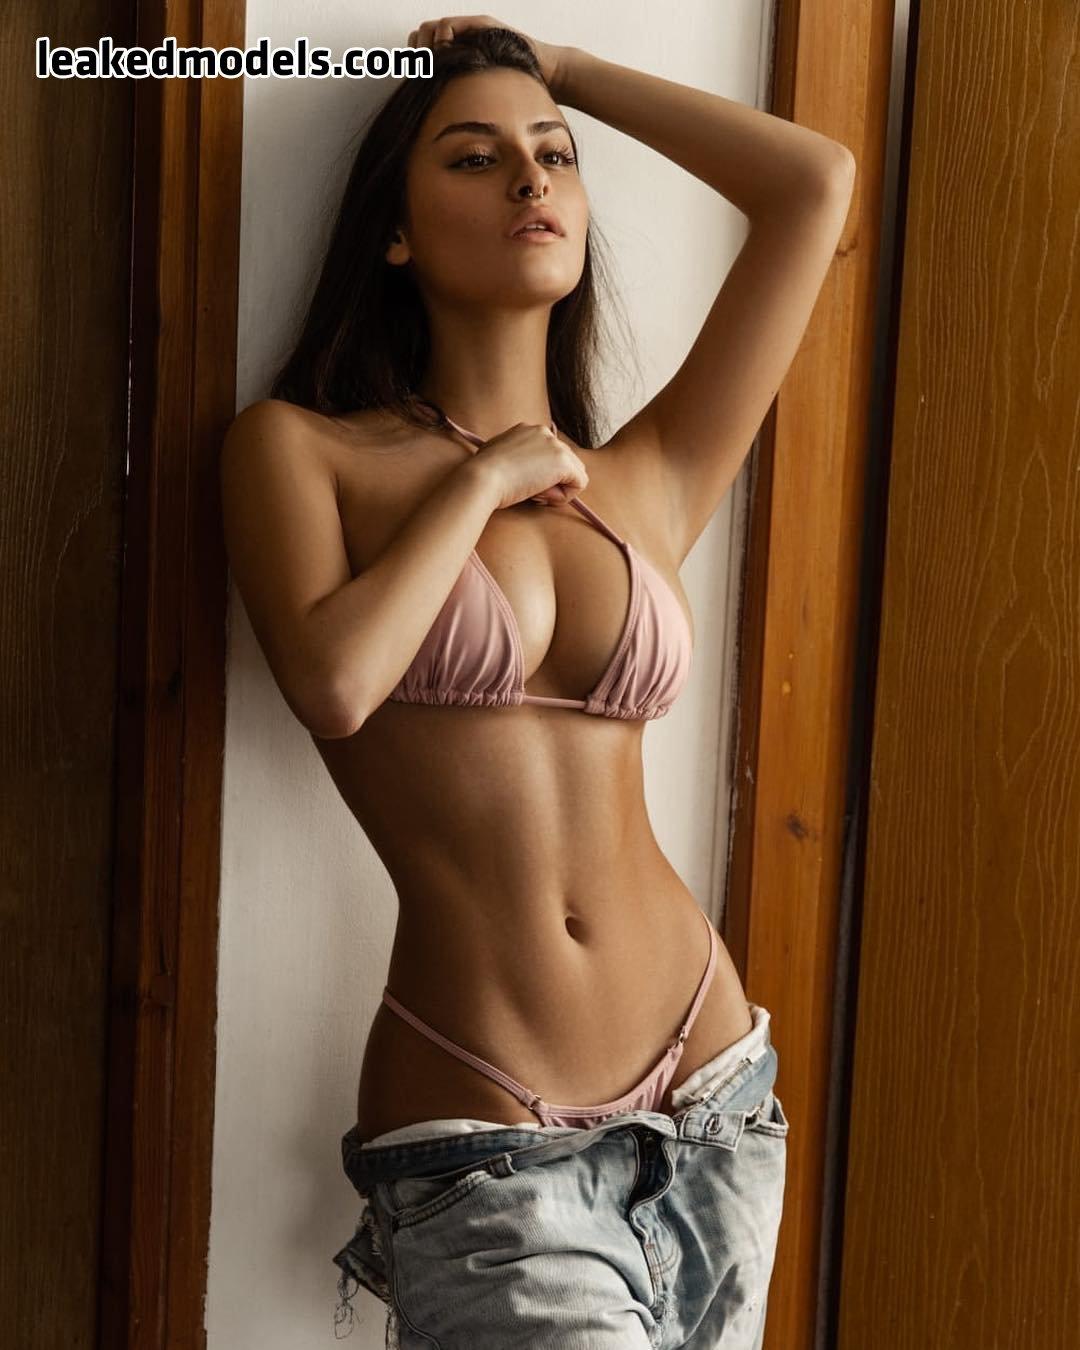 tal adar leaked nude leakedmodels.com 0030 - Tal Adar – _taladar Instagram Sexy Leaks (27 Photos)